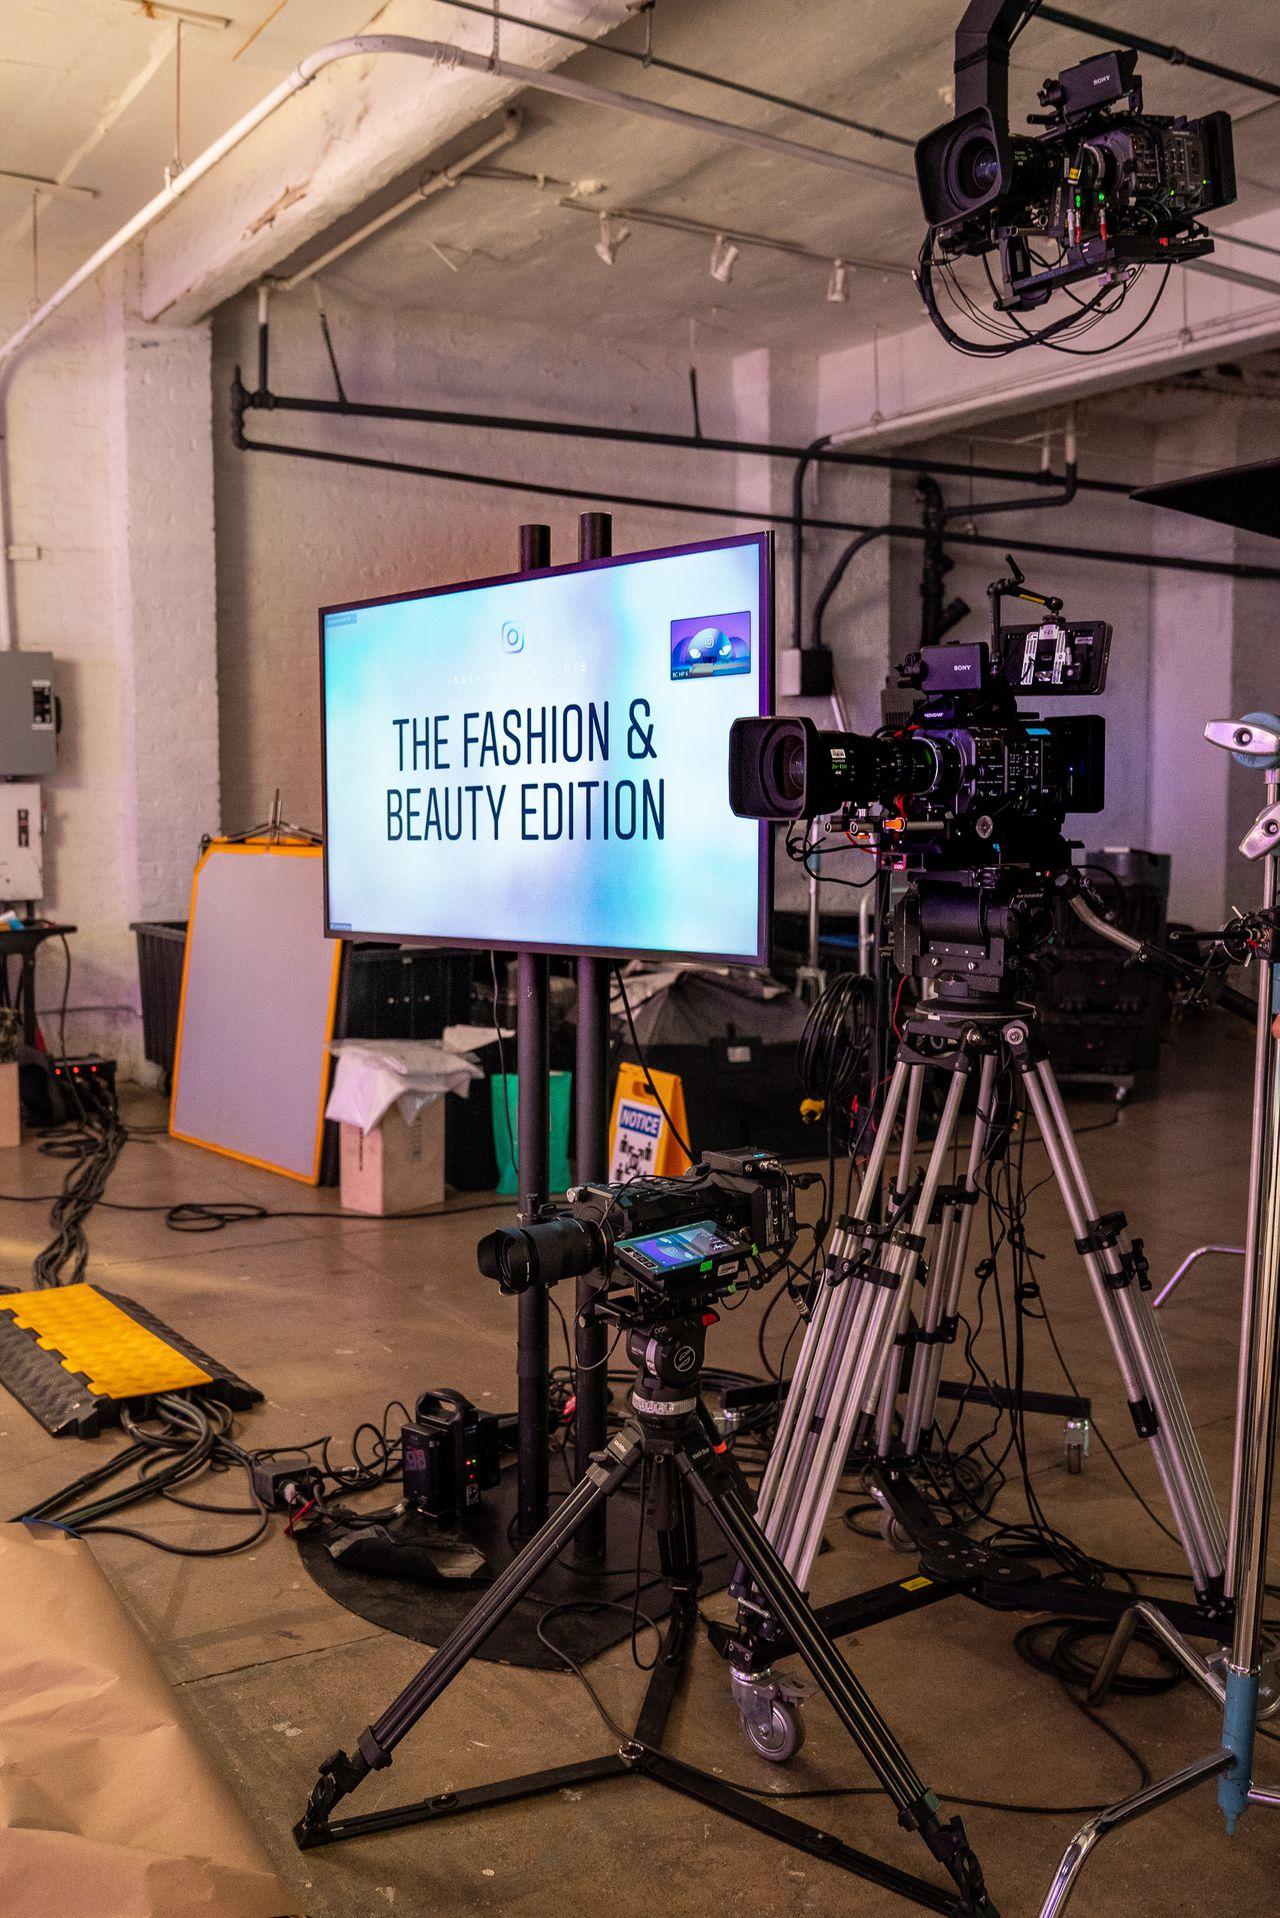 A monitor and camera set up